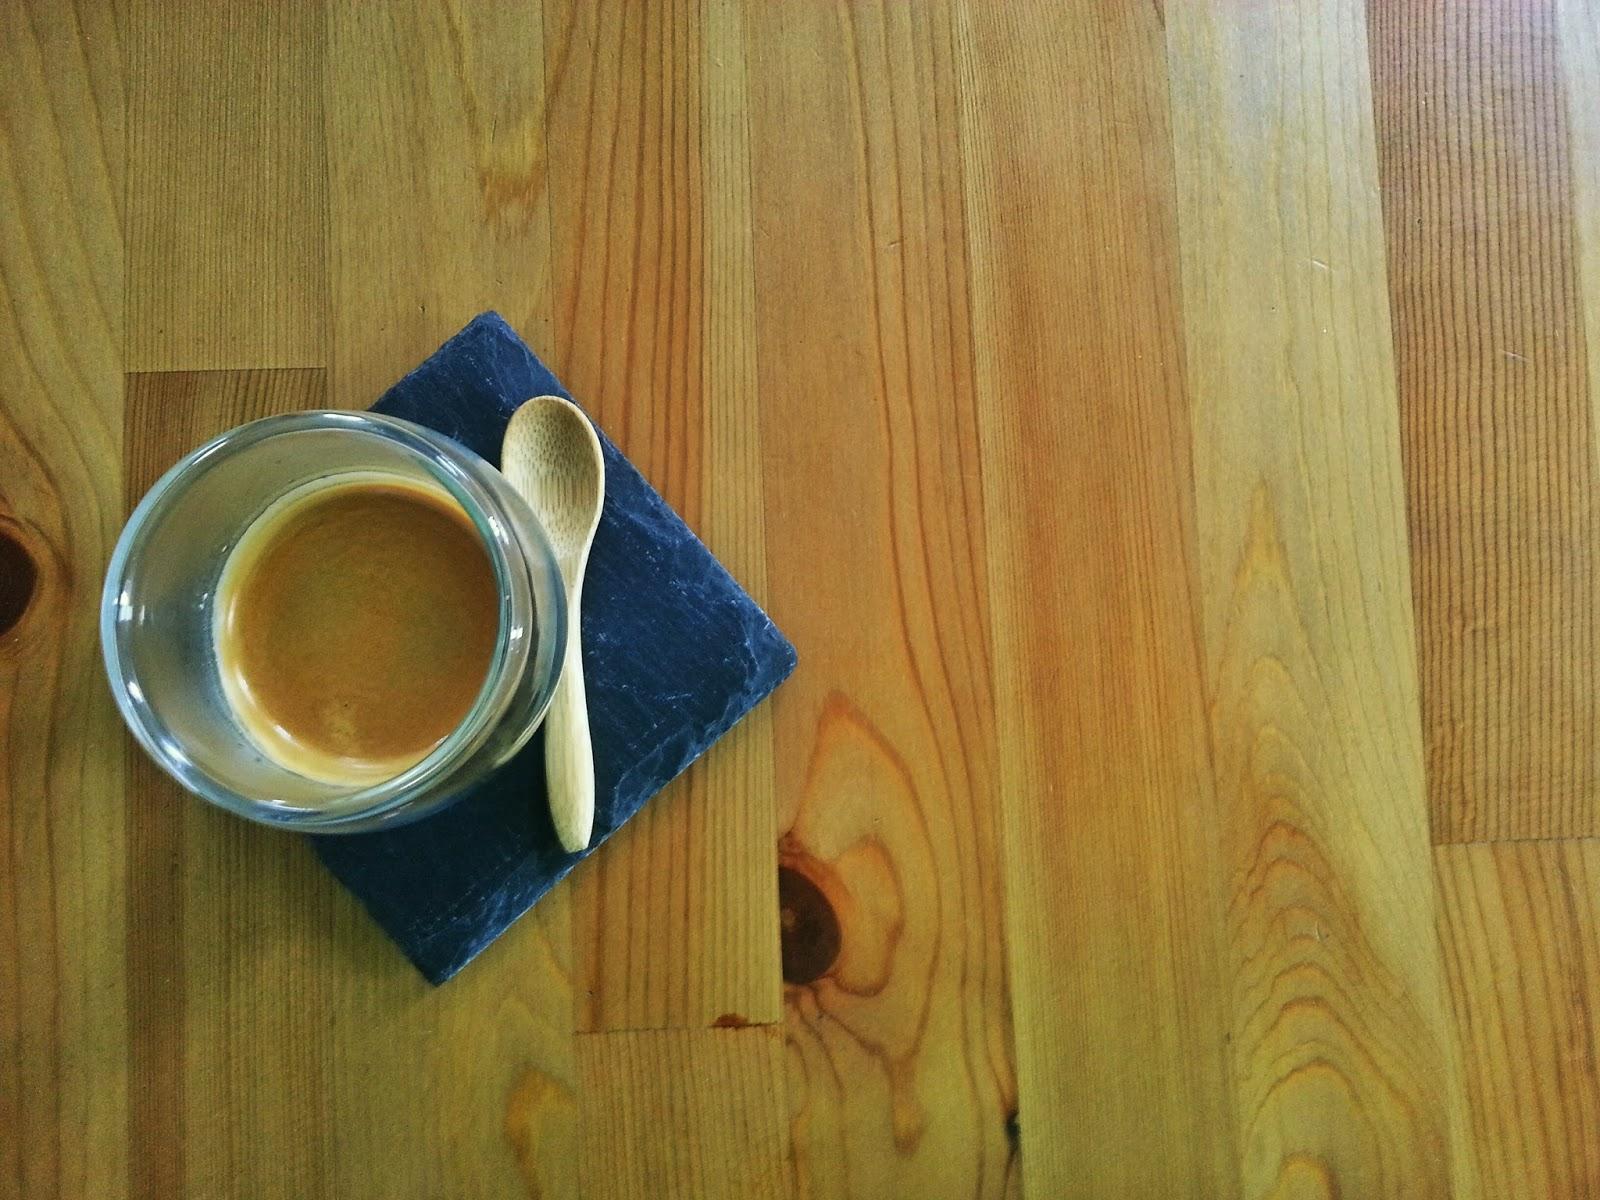 El mejor material para disfrutar del espresso